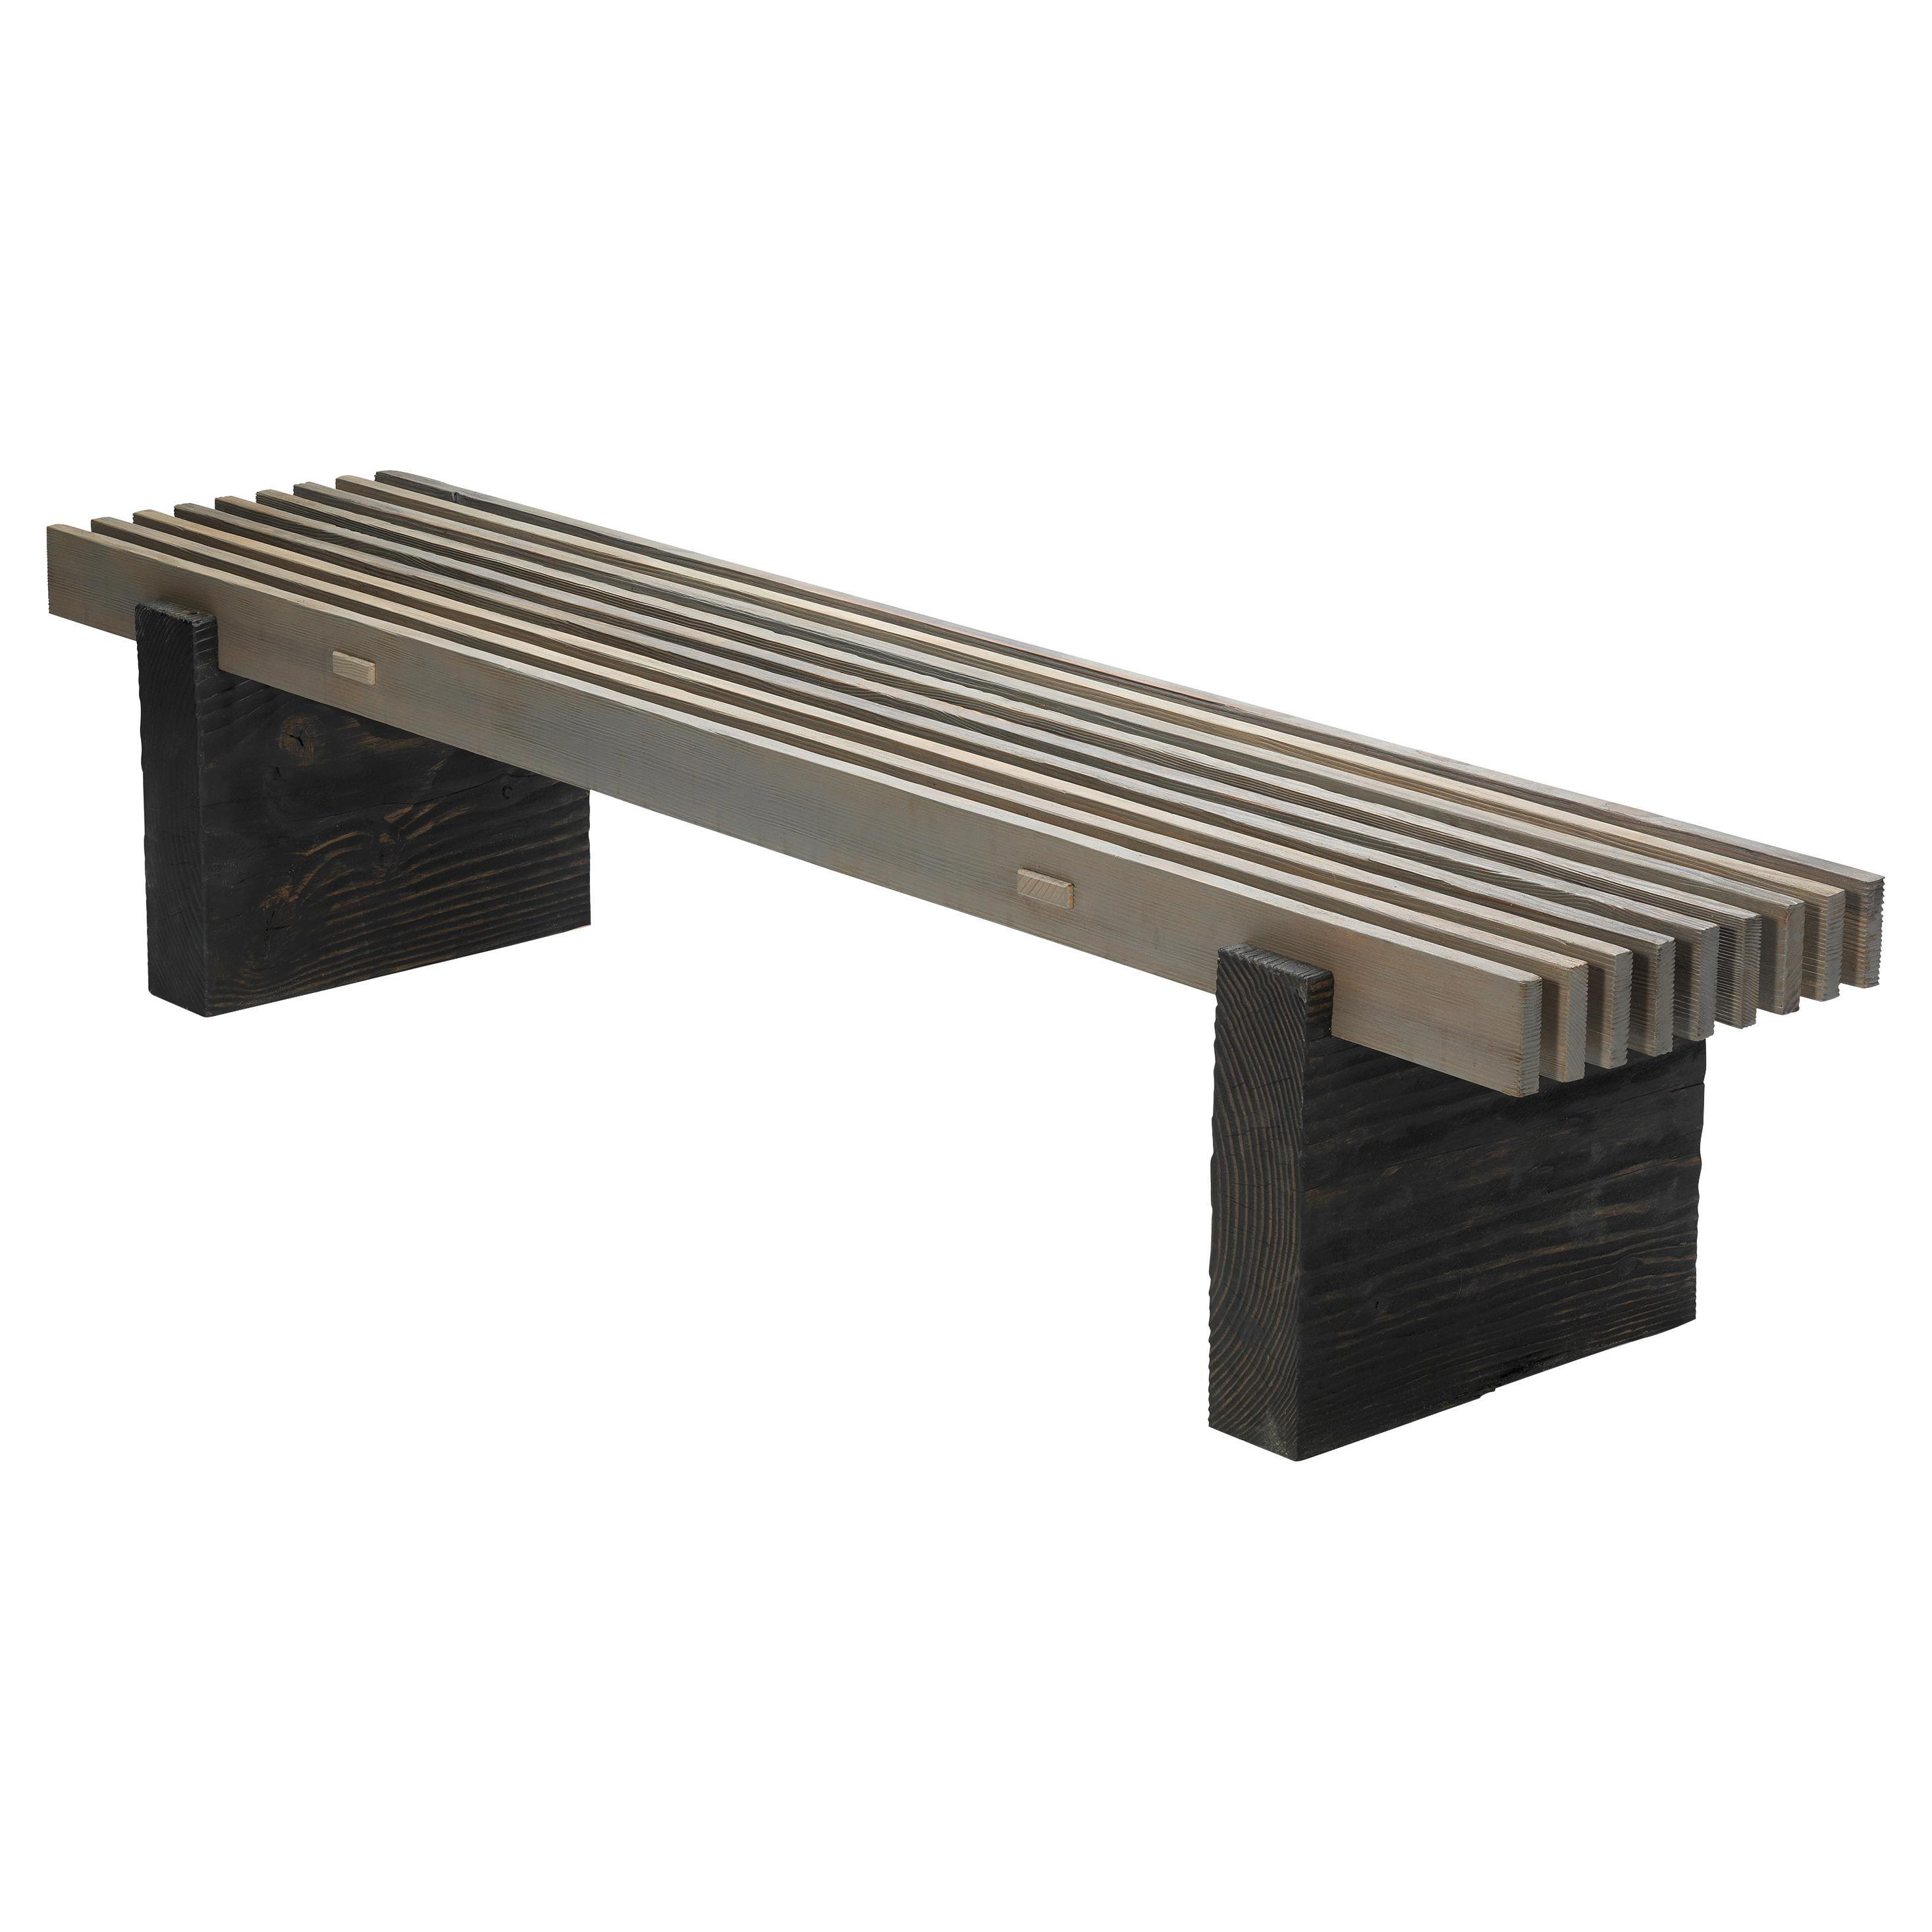 Douglas Fir Wood Outdoor Slat Bench